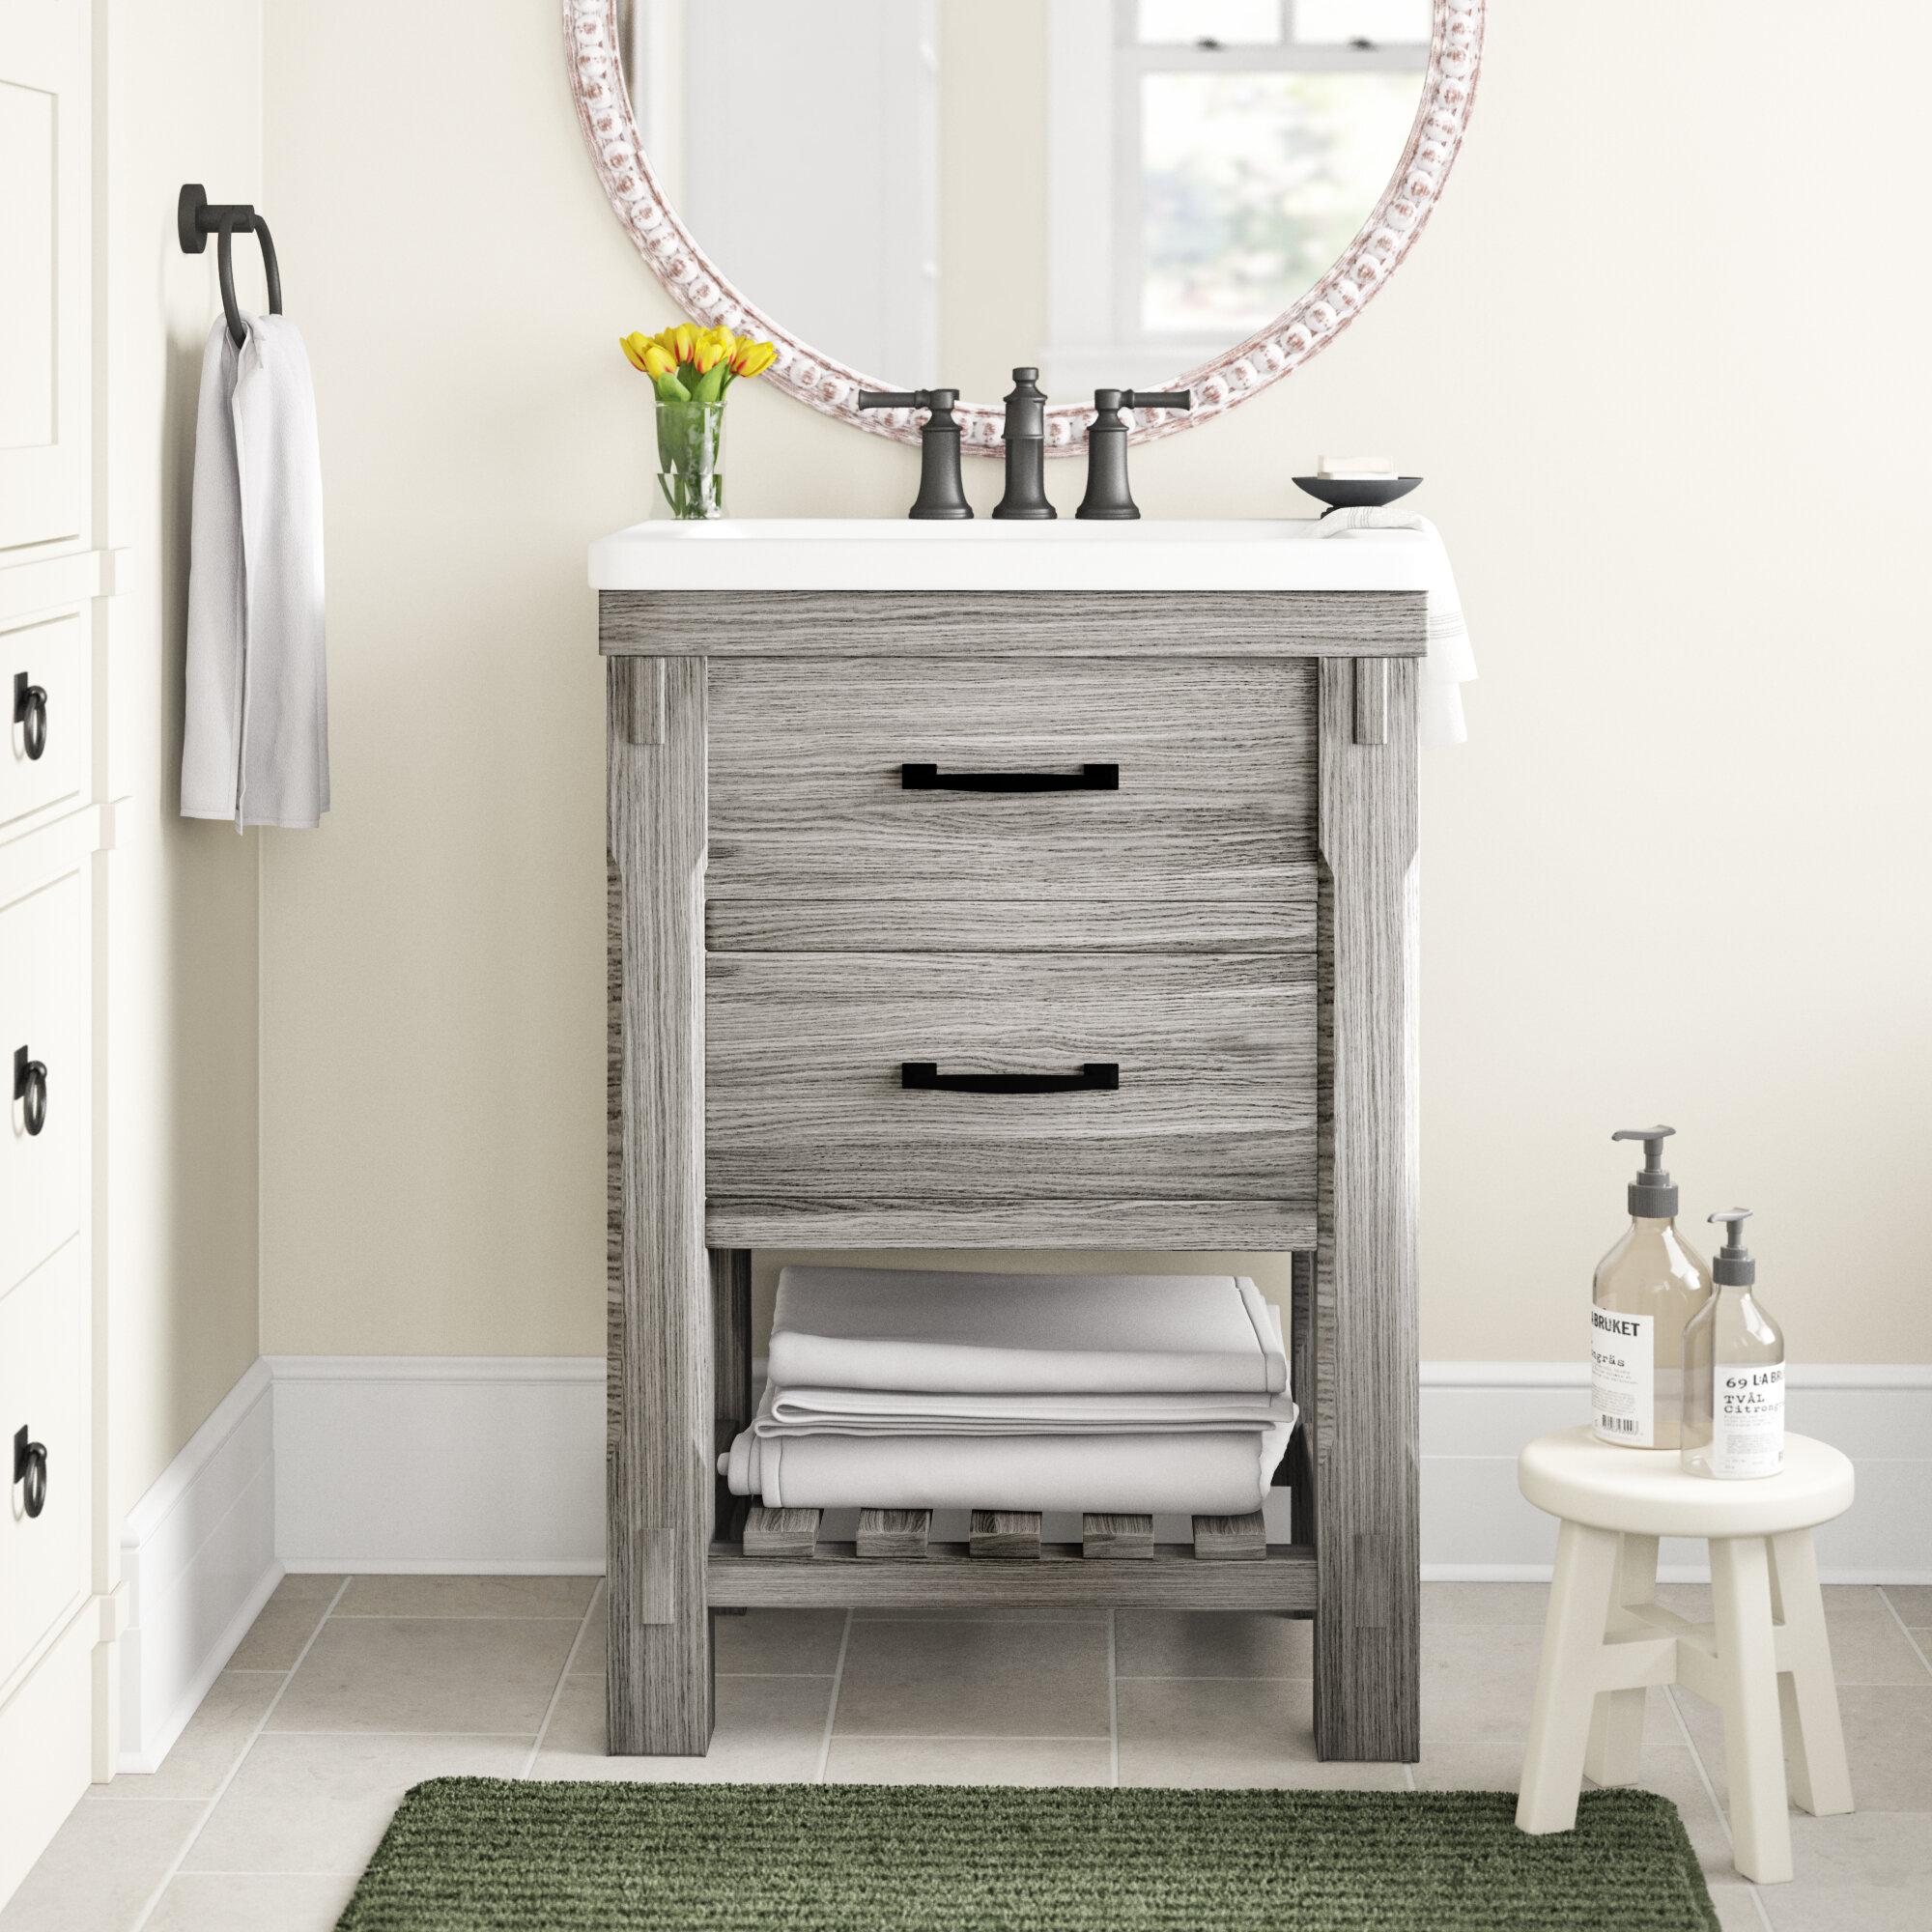 Three Posts Sprowston Rustic 24 Single Bathroom Vanity Set Reviews Wayfair